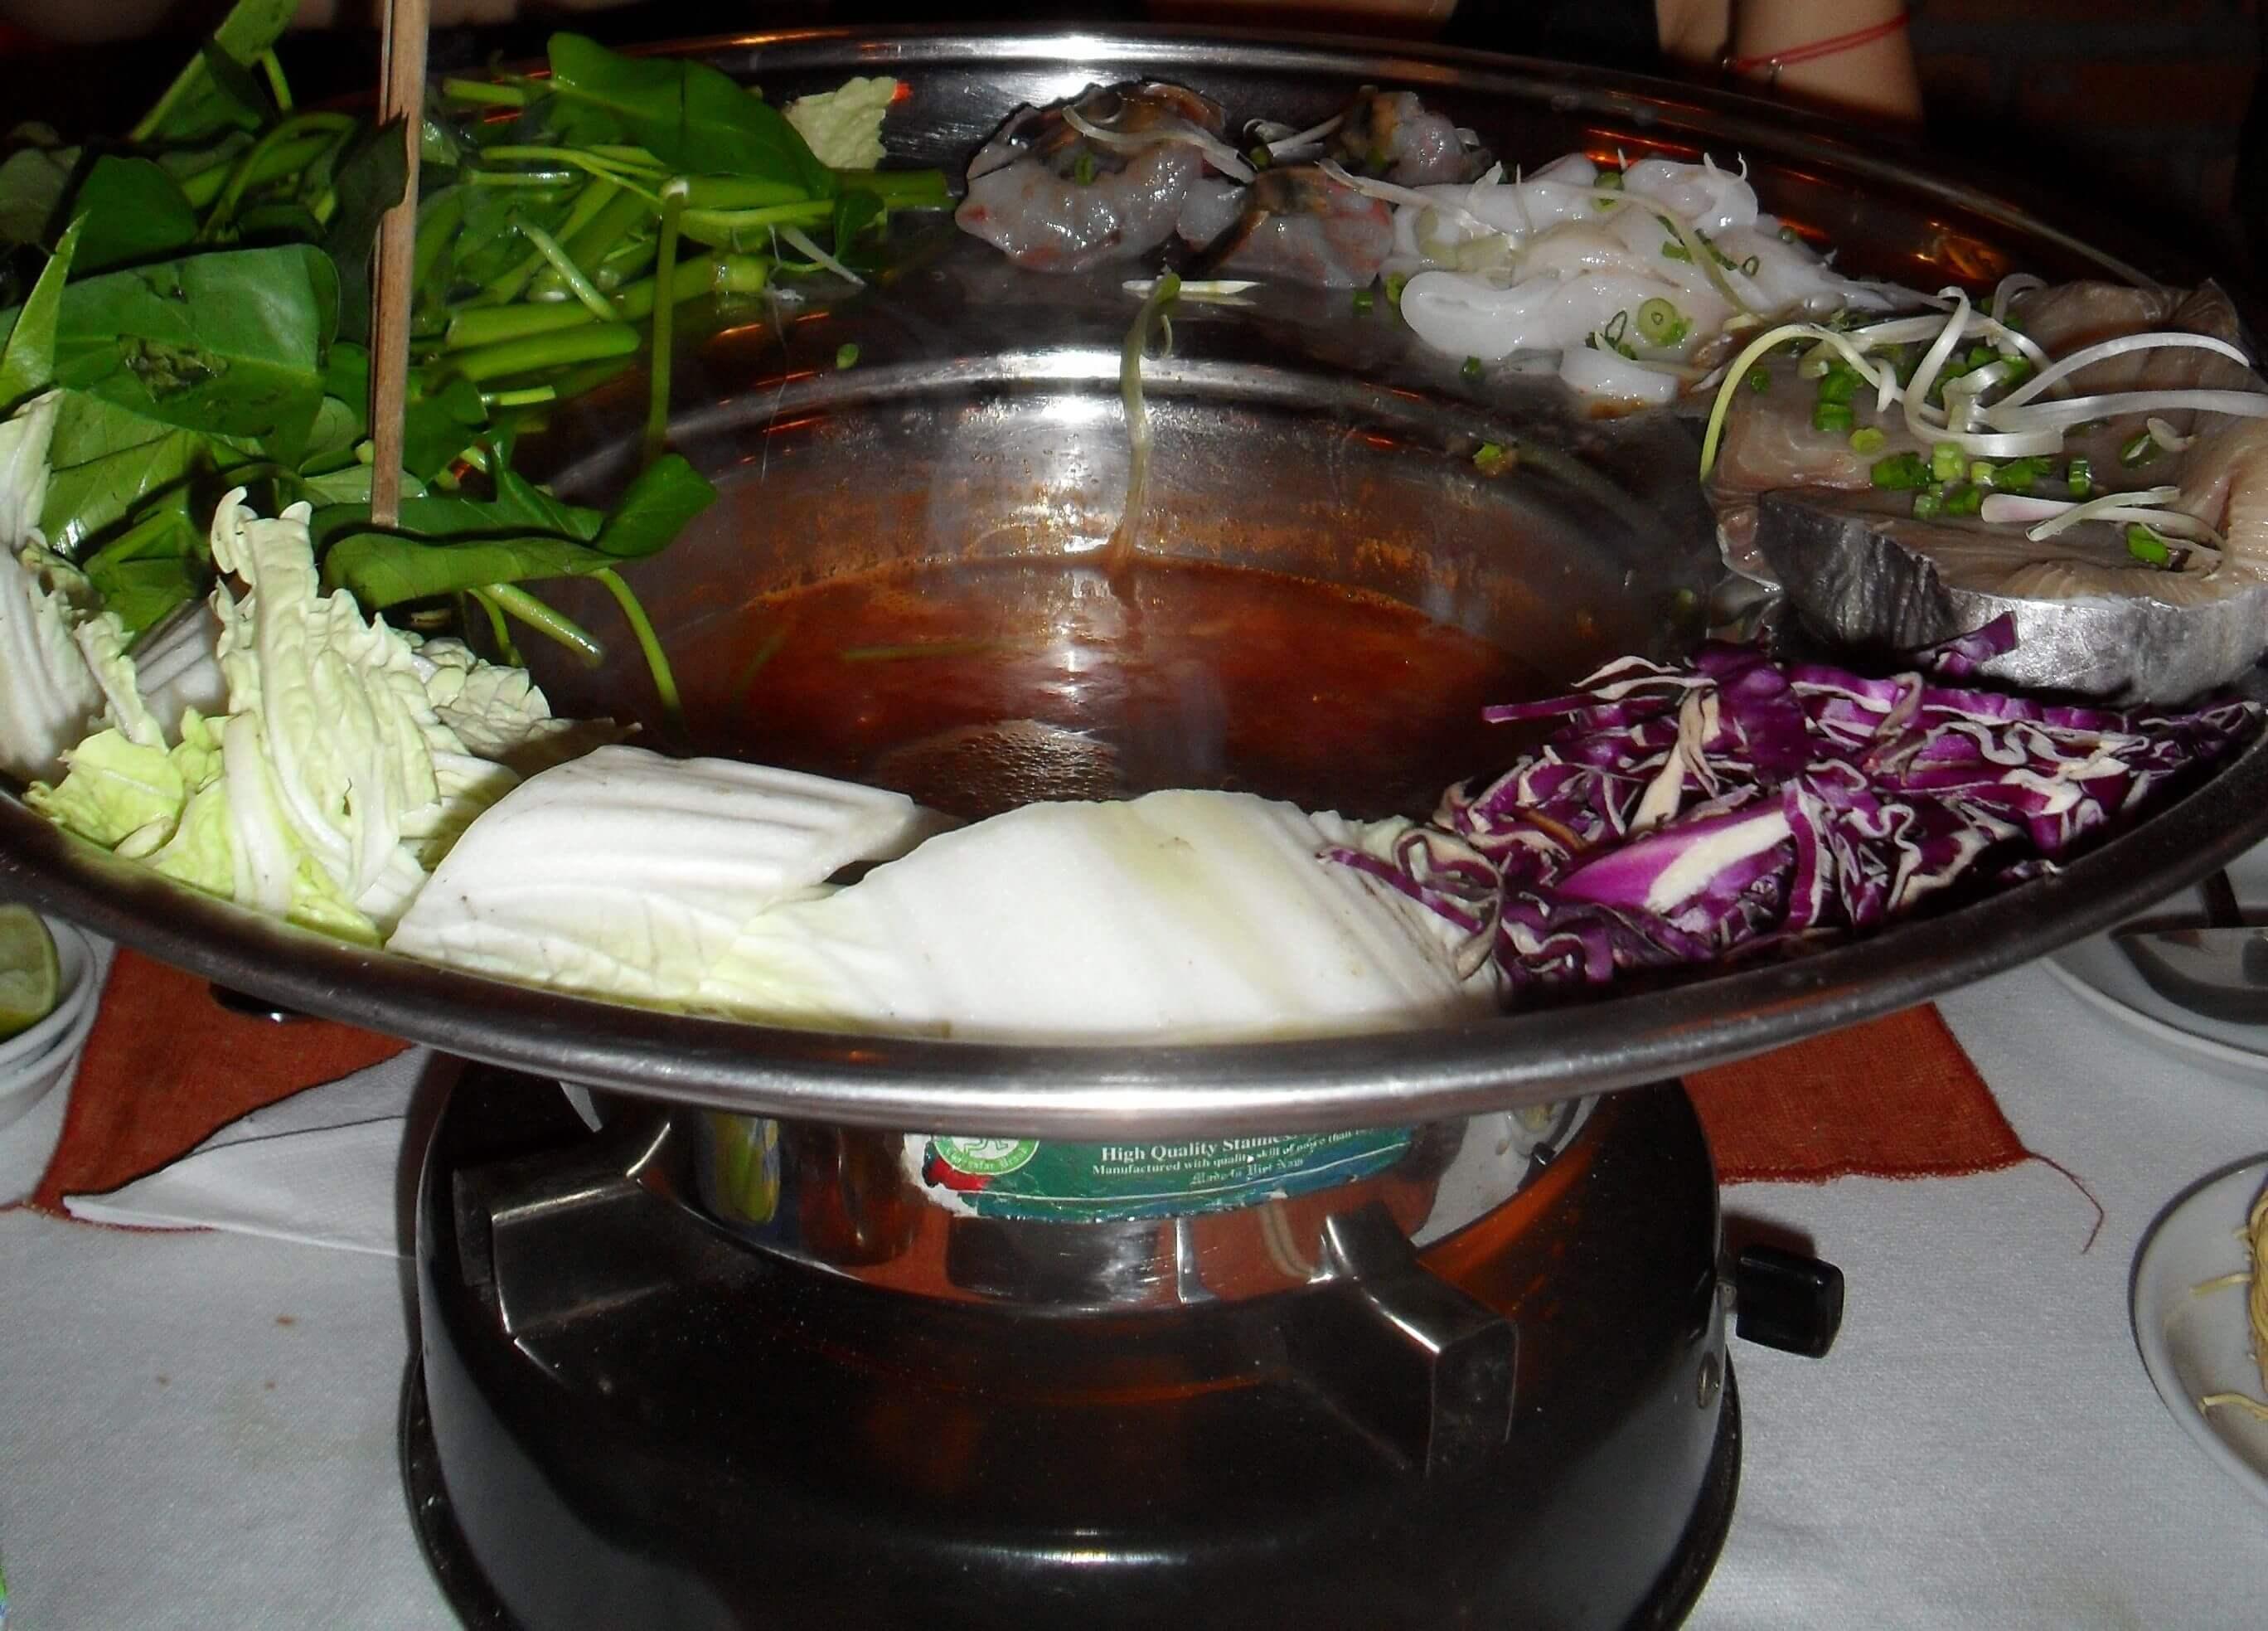 Fondue vietnamienne cuisine asiatique - Fondue vietnamienne cuisine asiatique ...